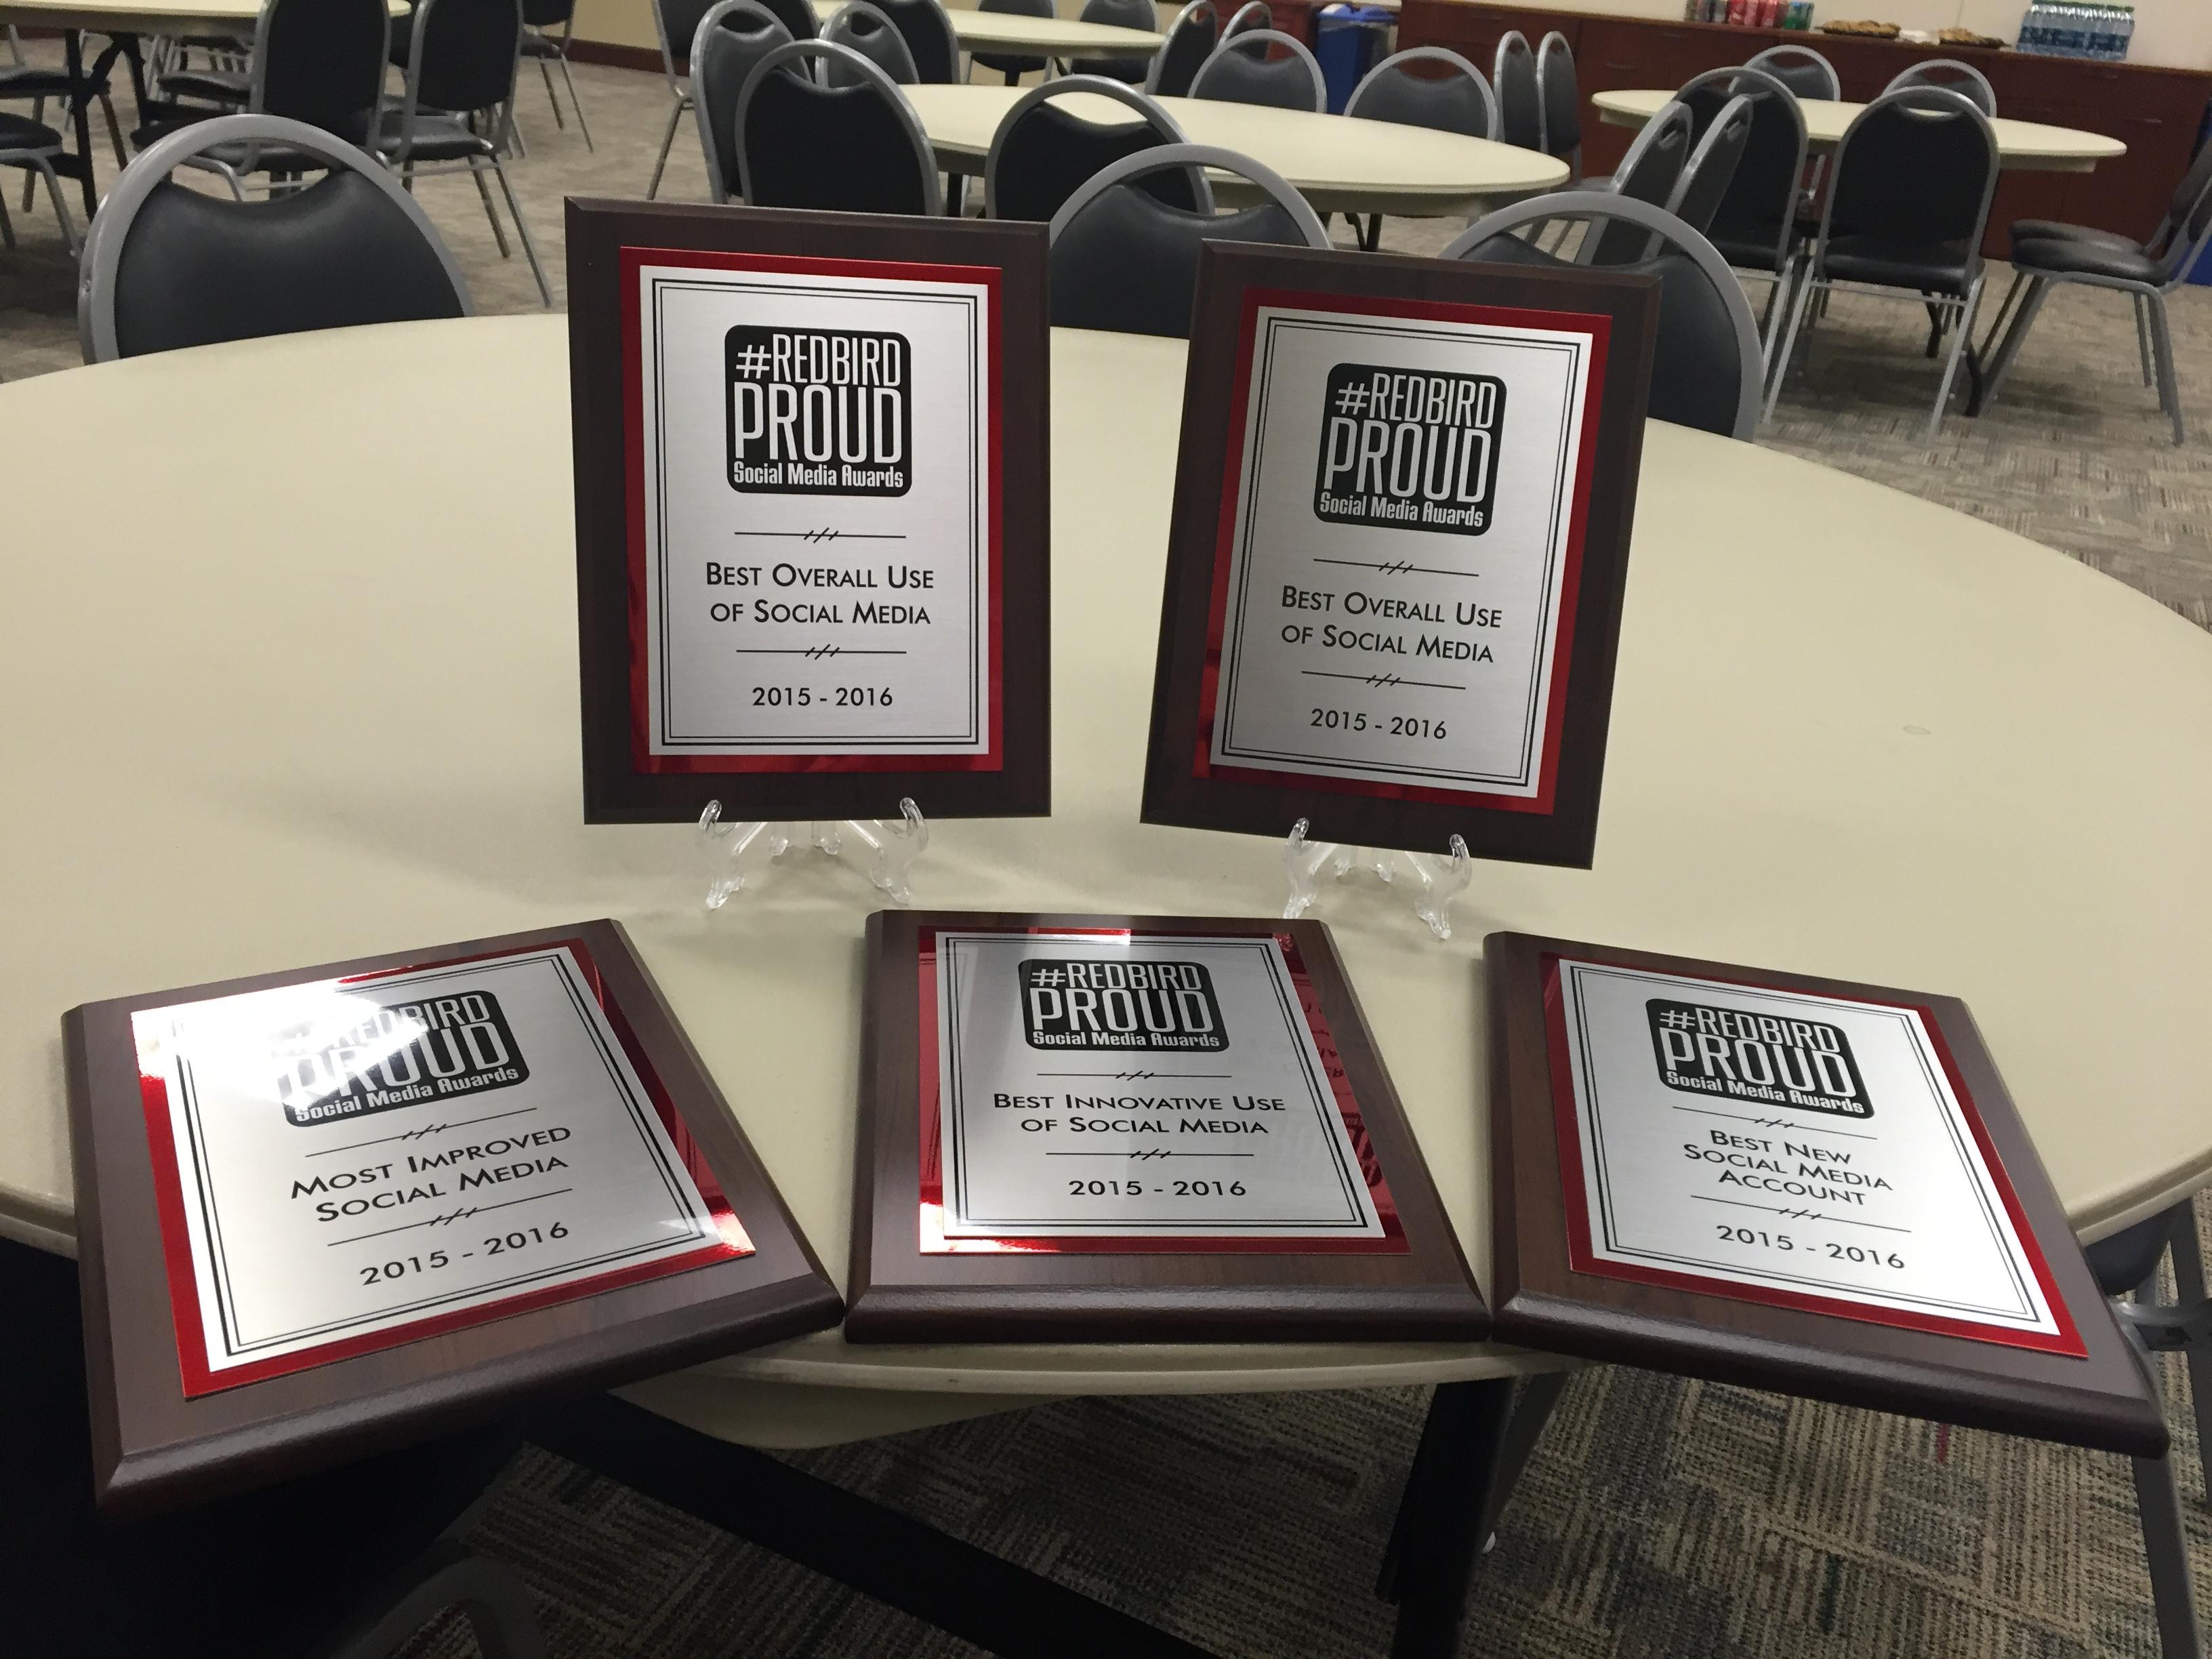 Social Media Awards plaques